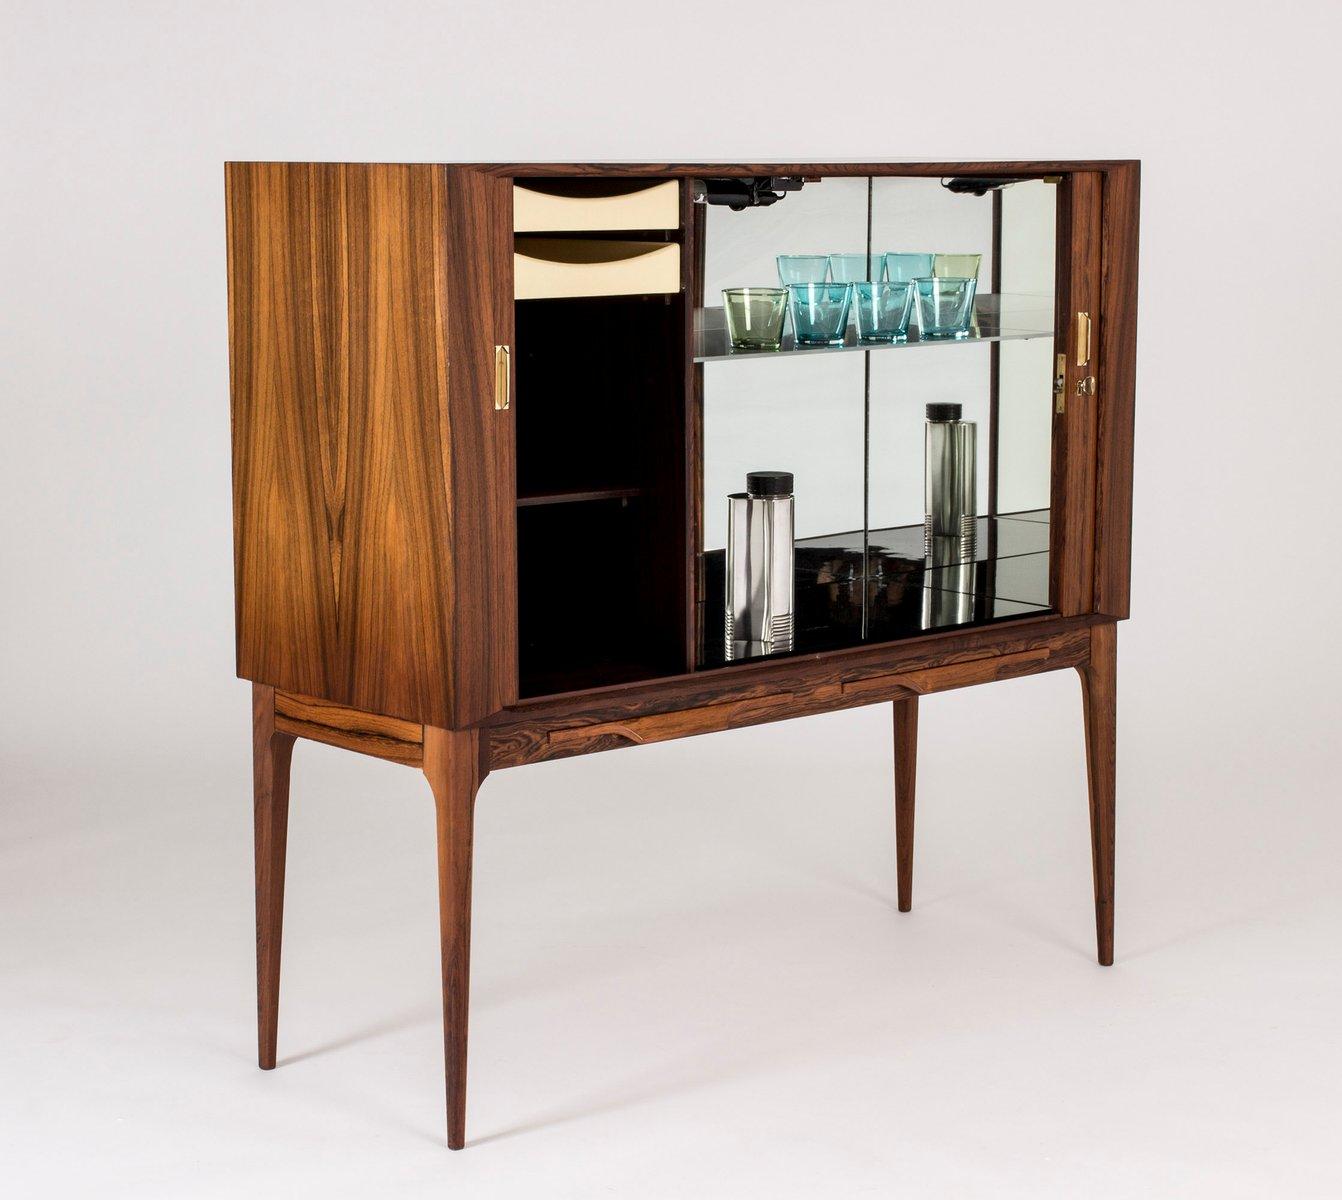 meuble bar en contreplaqu de palissandre par kurt stervig pour kp m bler 1960s en vente sur. Black Bedroom Furniture Sets. Home Design Ideas